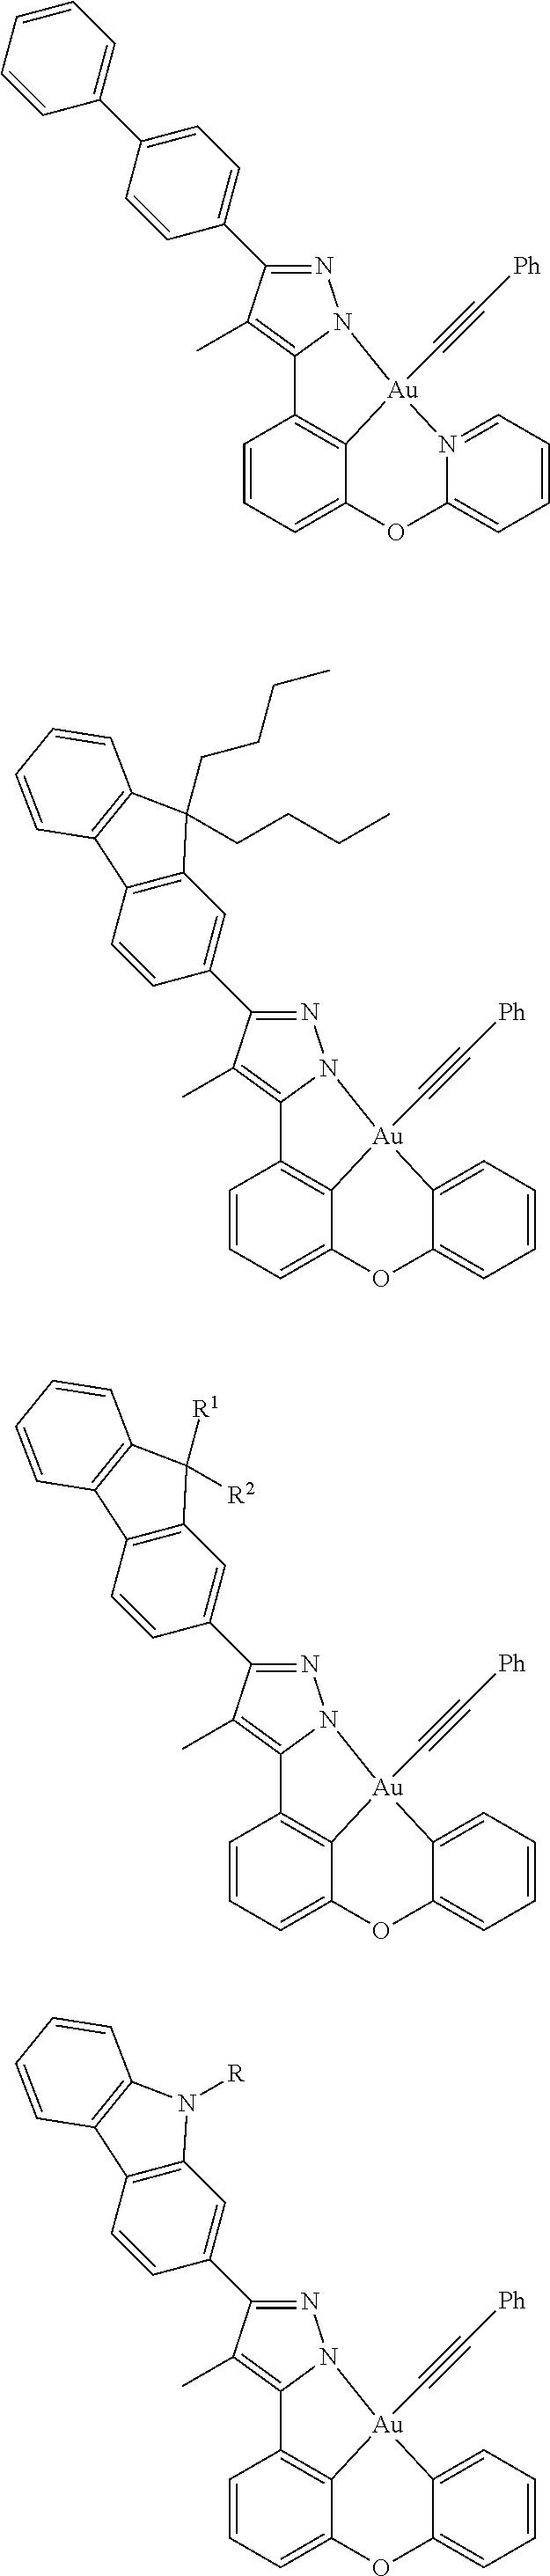 Figure US09818959-20171114-C00217